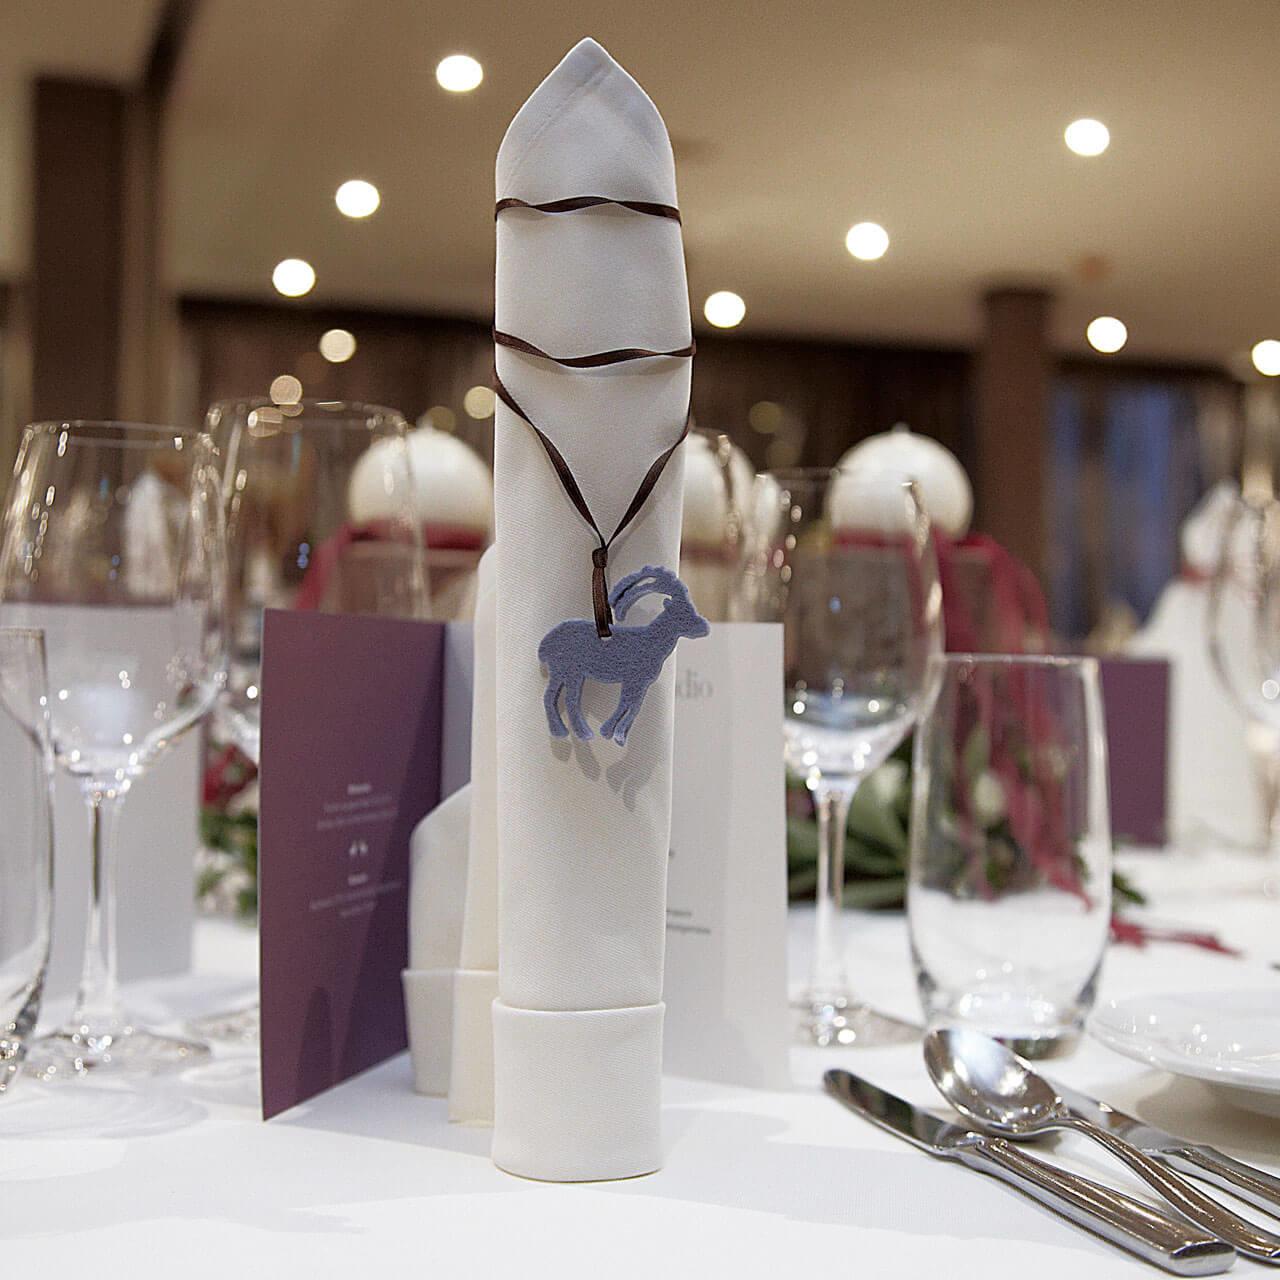 Tischdekoration für Hochzeit